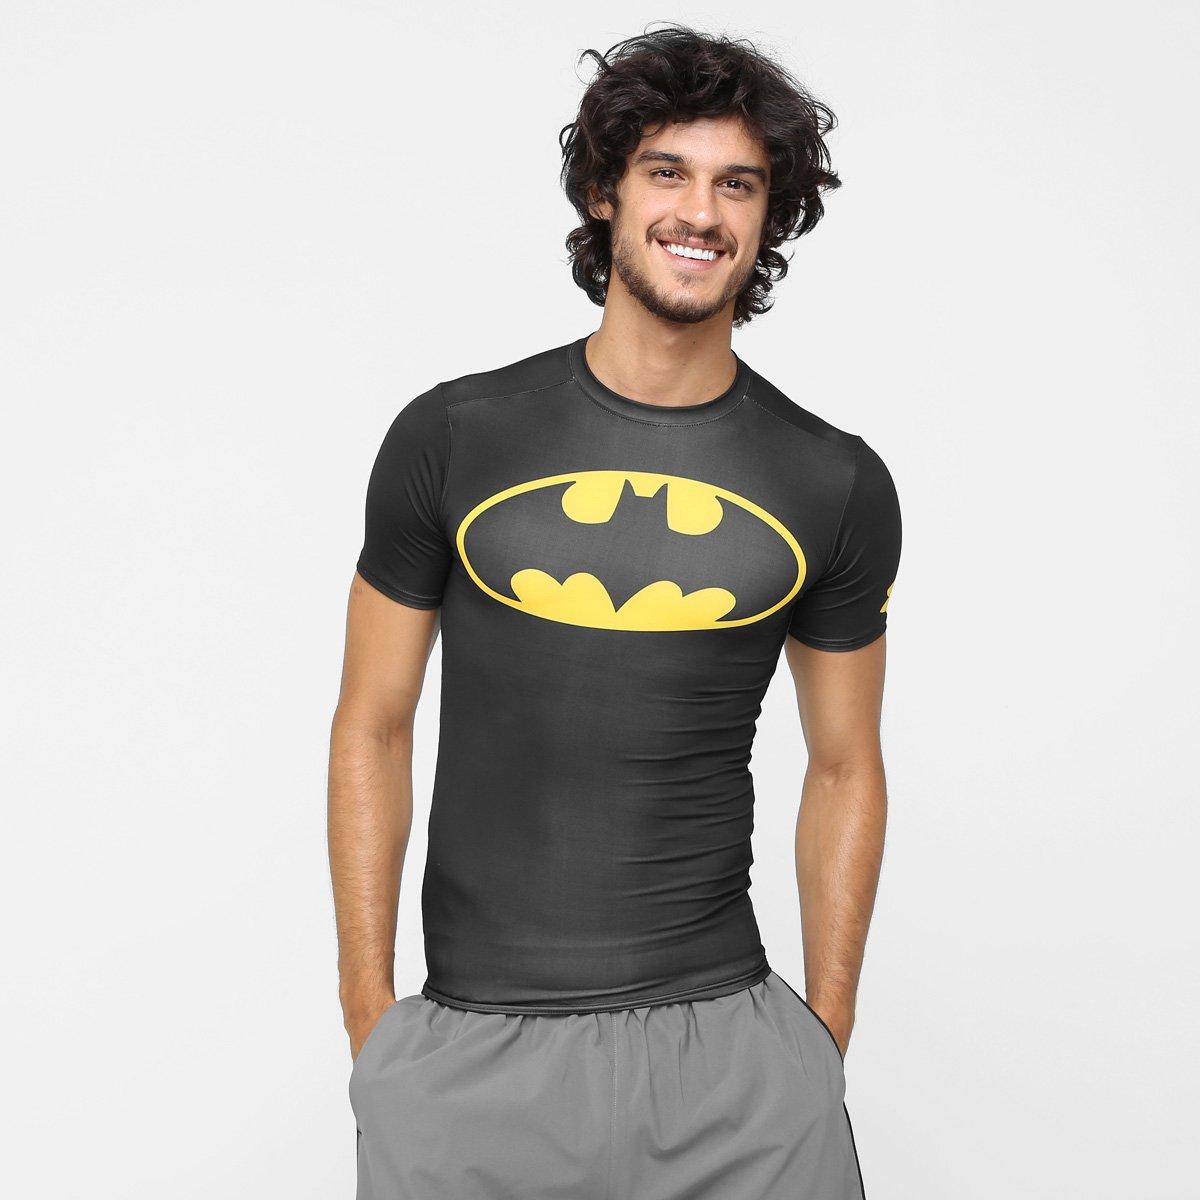 5f3fc27dbe4 Camiseta de Compressão Under Armour Batman Masculina - Compre Agora ...